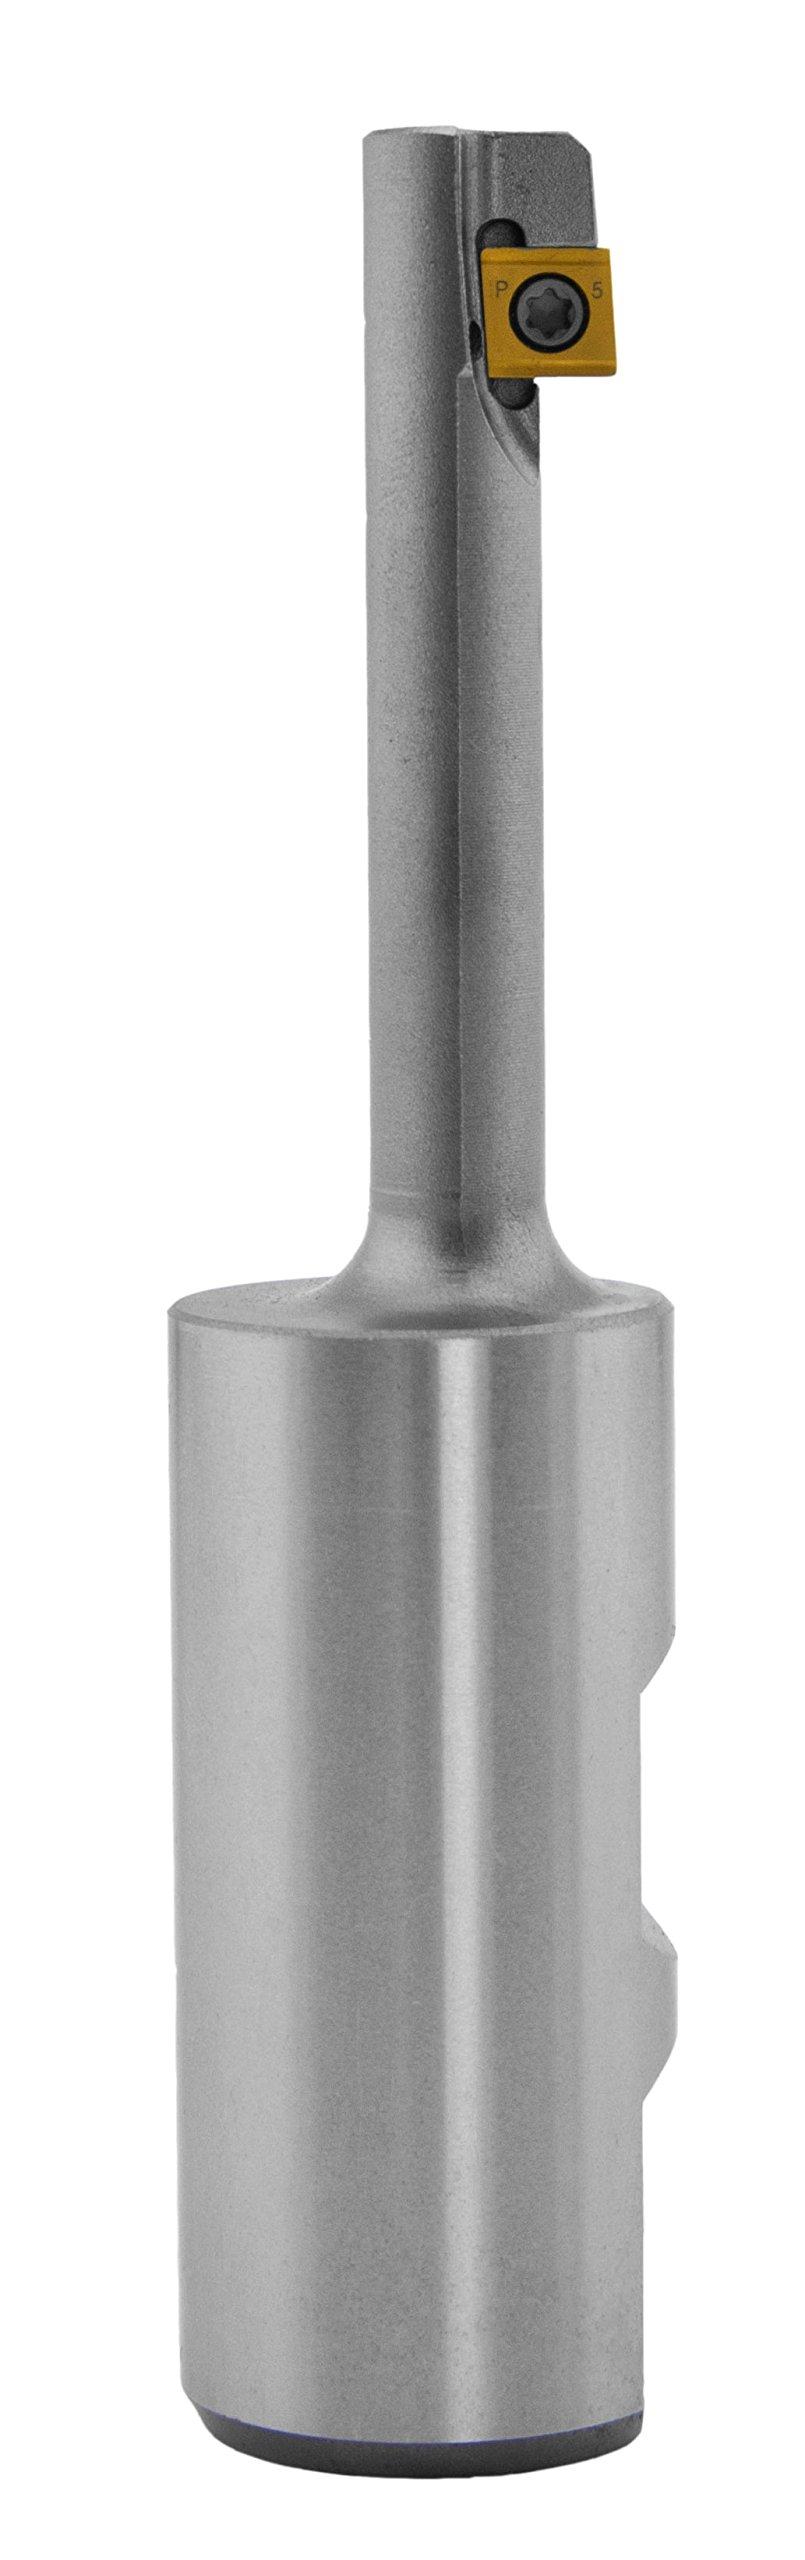 Hermann Bilz GmbH - Reverse Boring Bar, 44 x 33/105 32mm shank